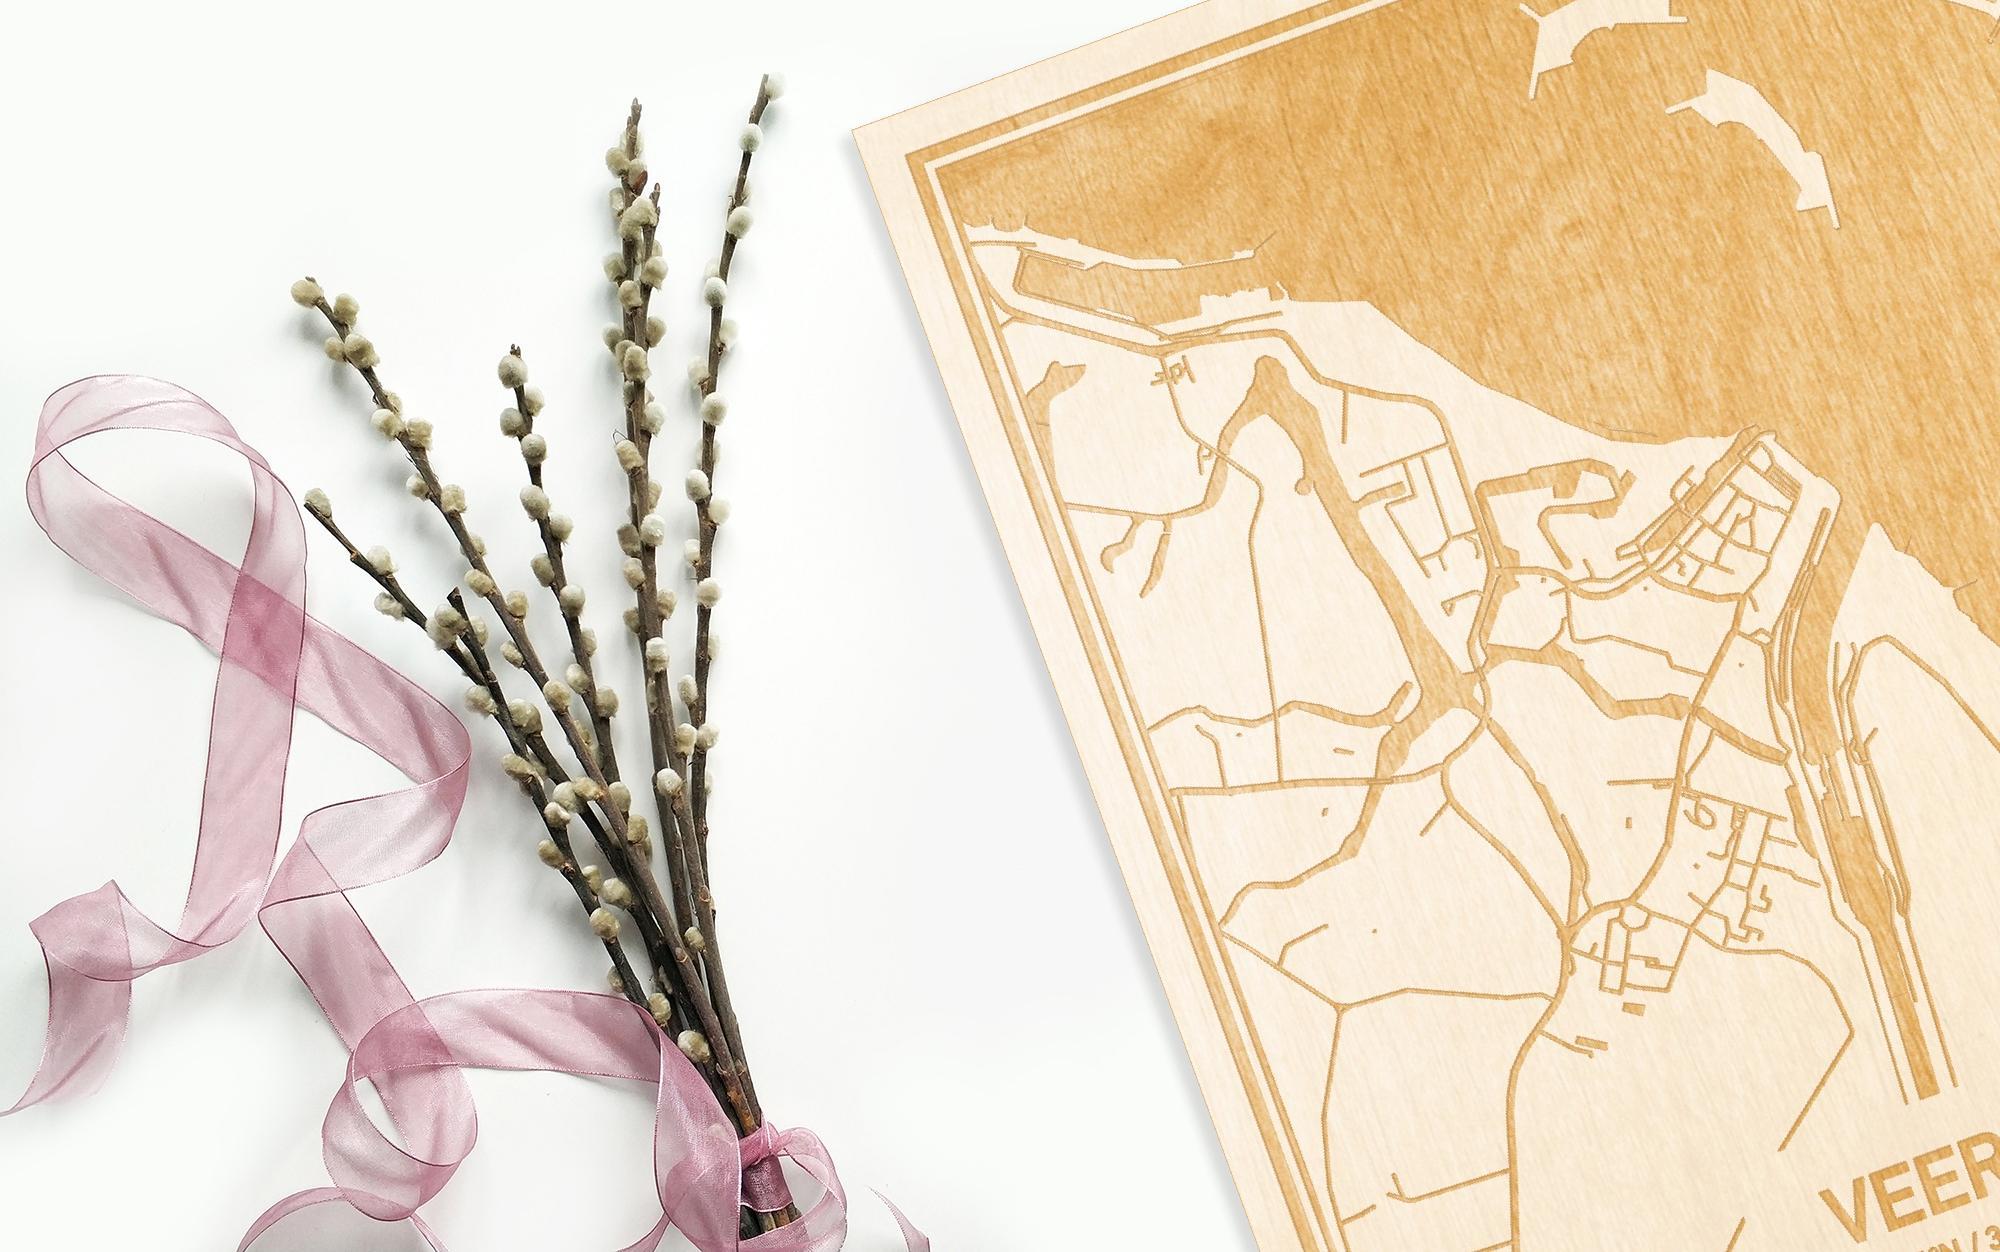 Hier ligt de houten plattegrond Veere naast een bloemetje als gepersonaliseerd cadeau voor haar.